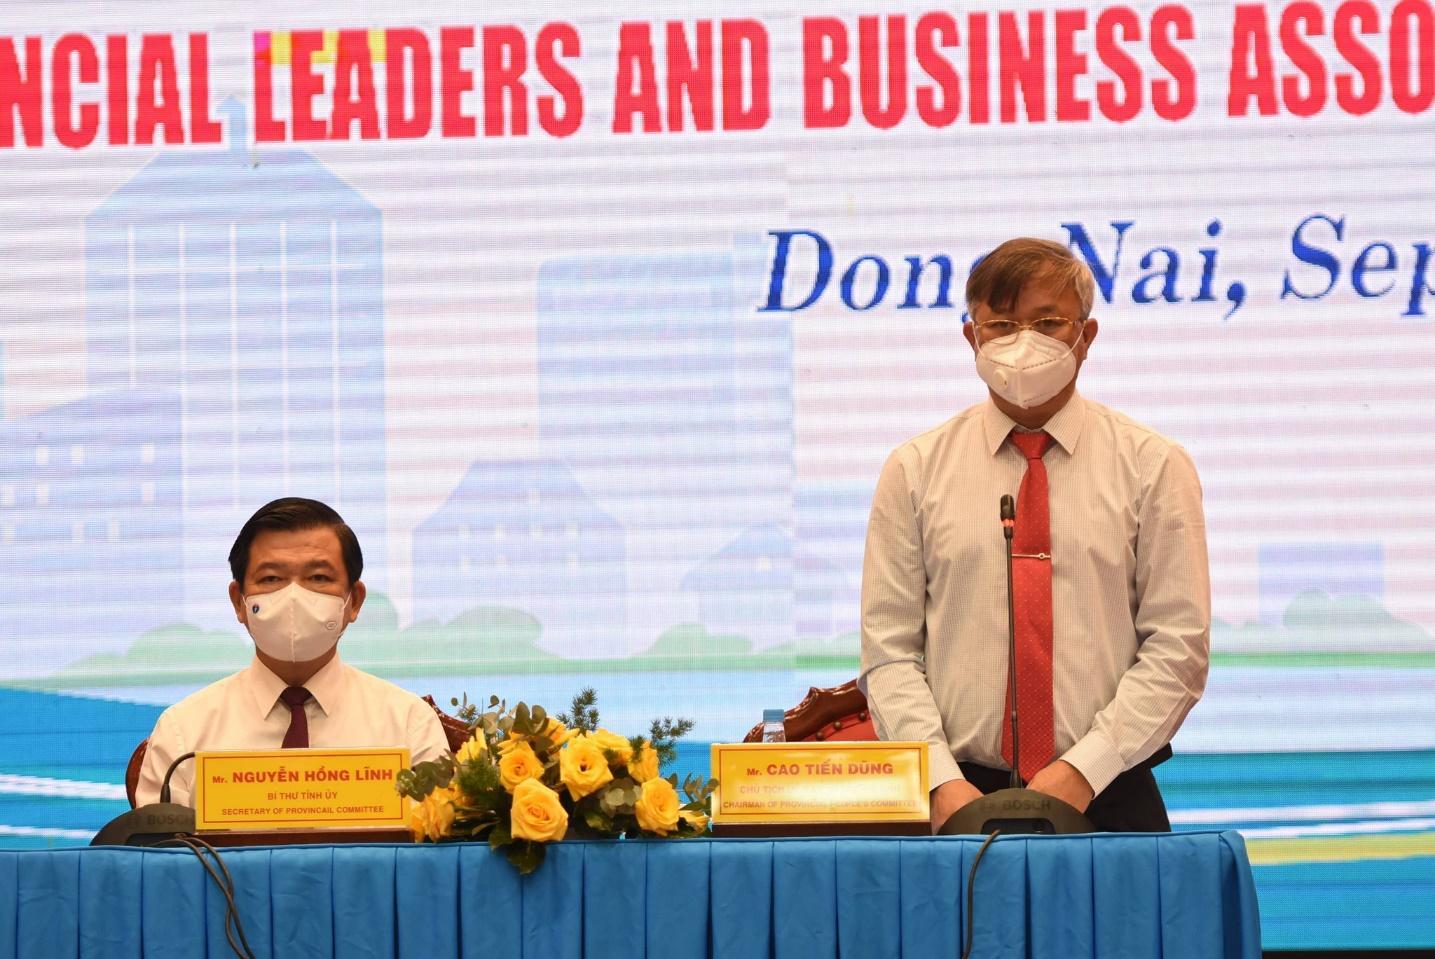 Đồng Nai: Doanh nghiệp FDI mỗi tháng trả lương 290 tỉ đồng dù phải ngưng hoạt động - ảnh 2